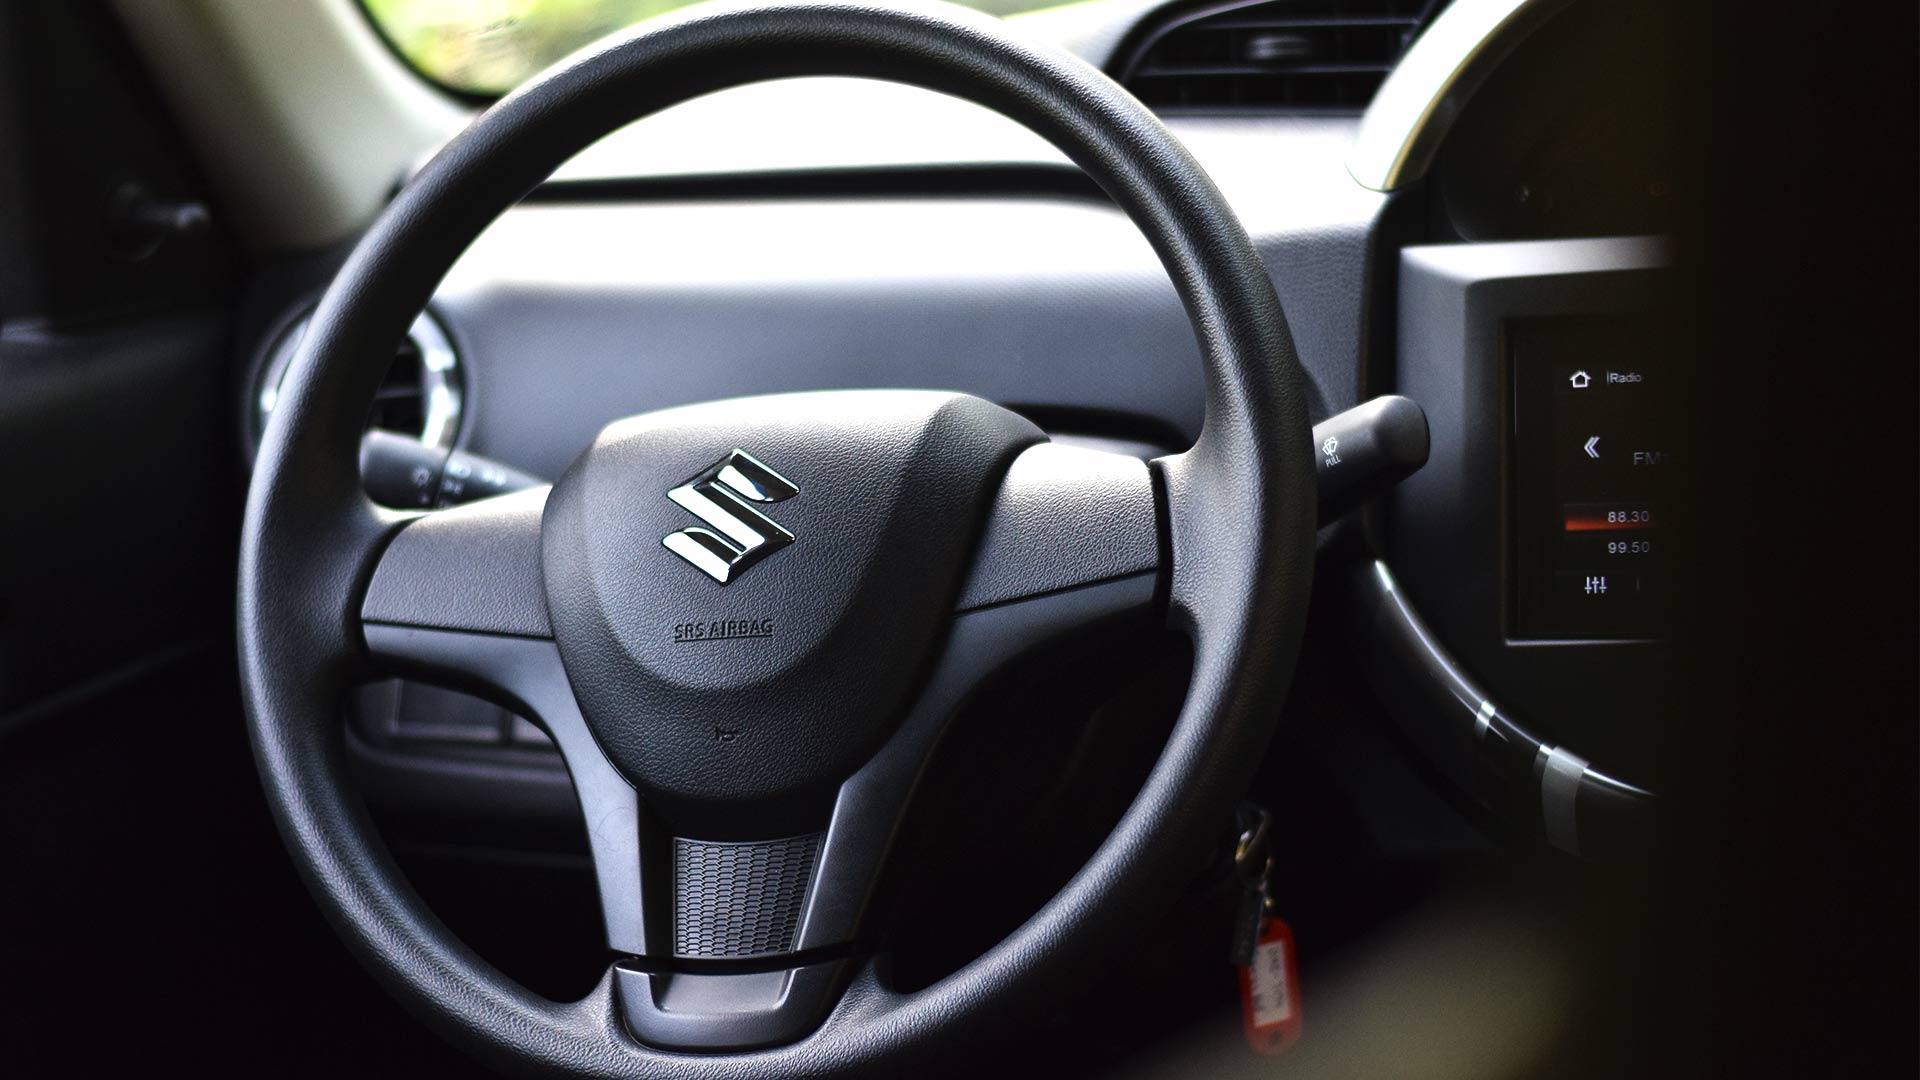 The Suzuki S-Presso steering wheel